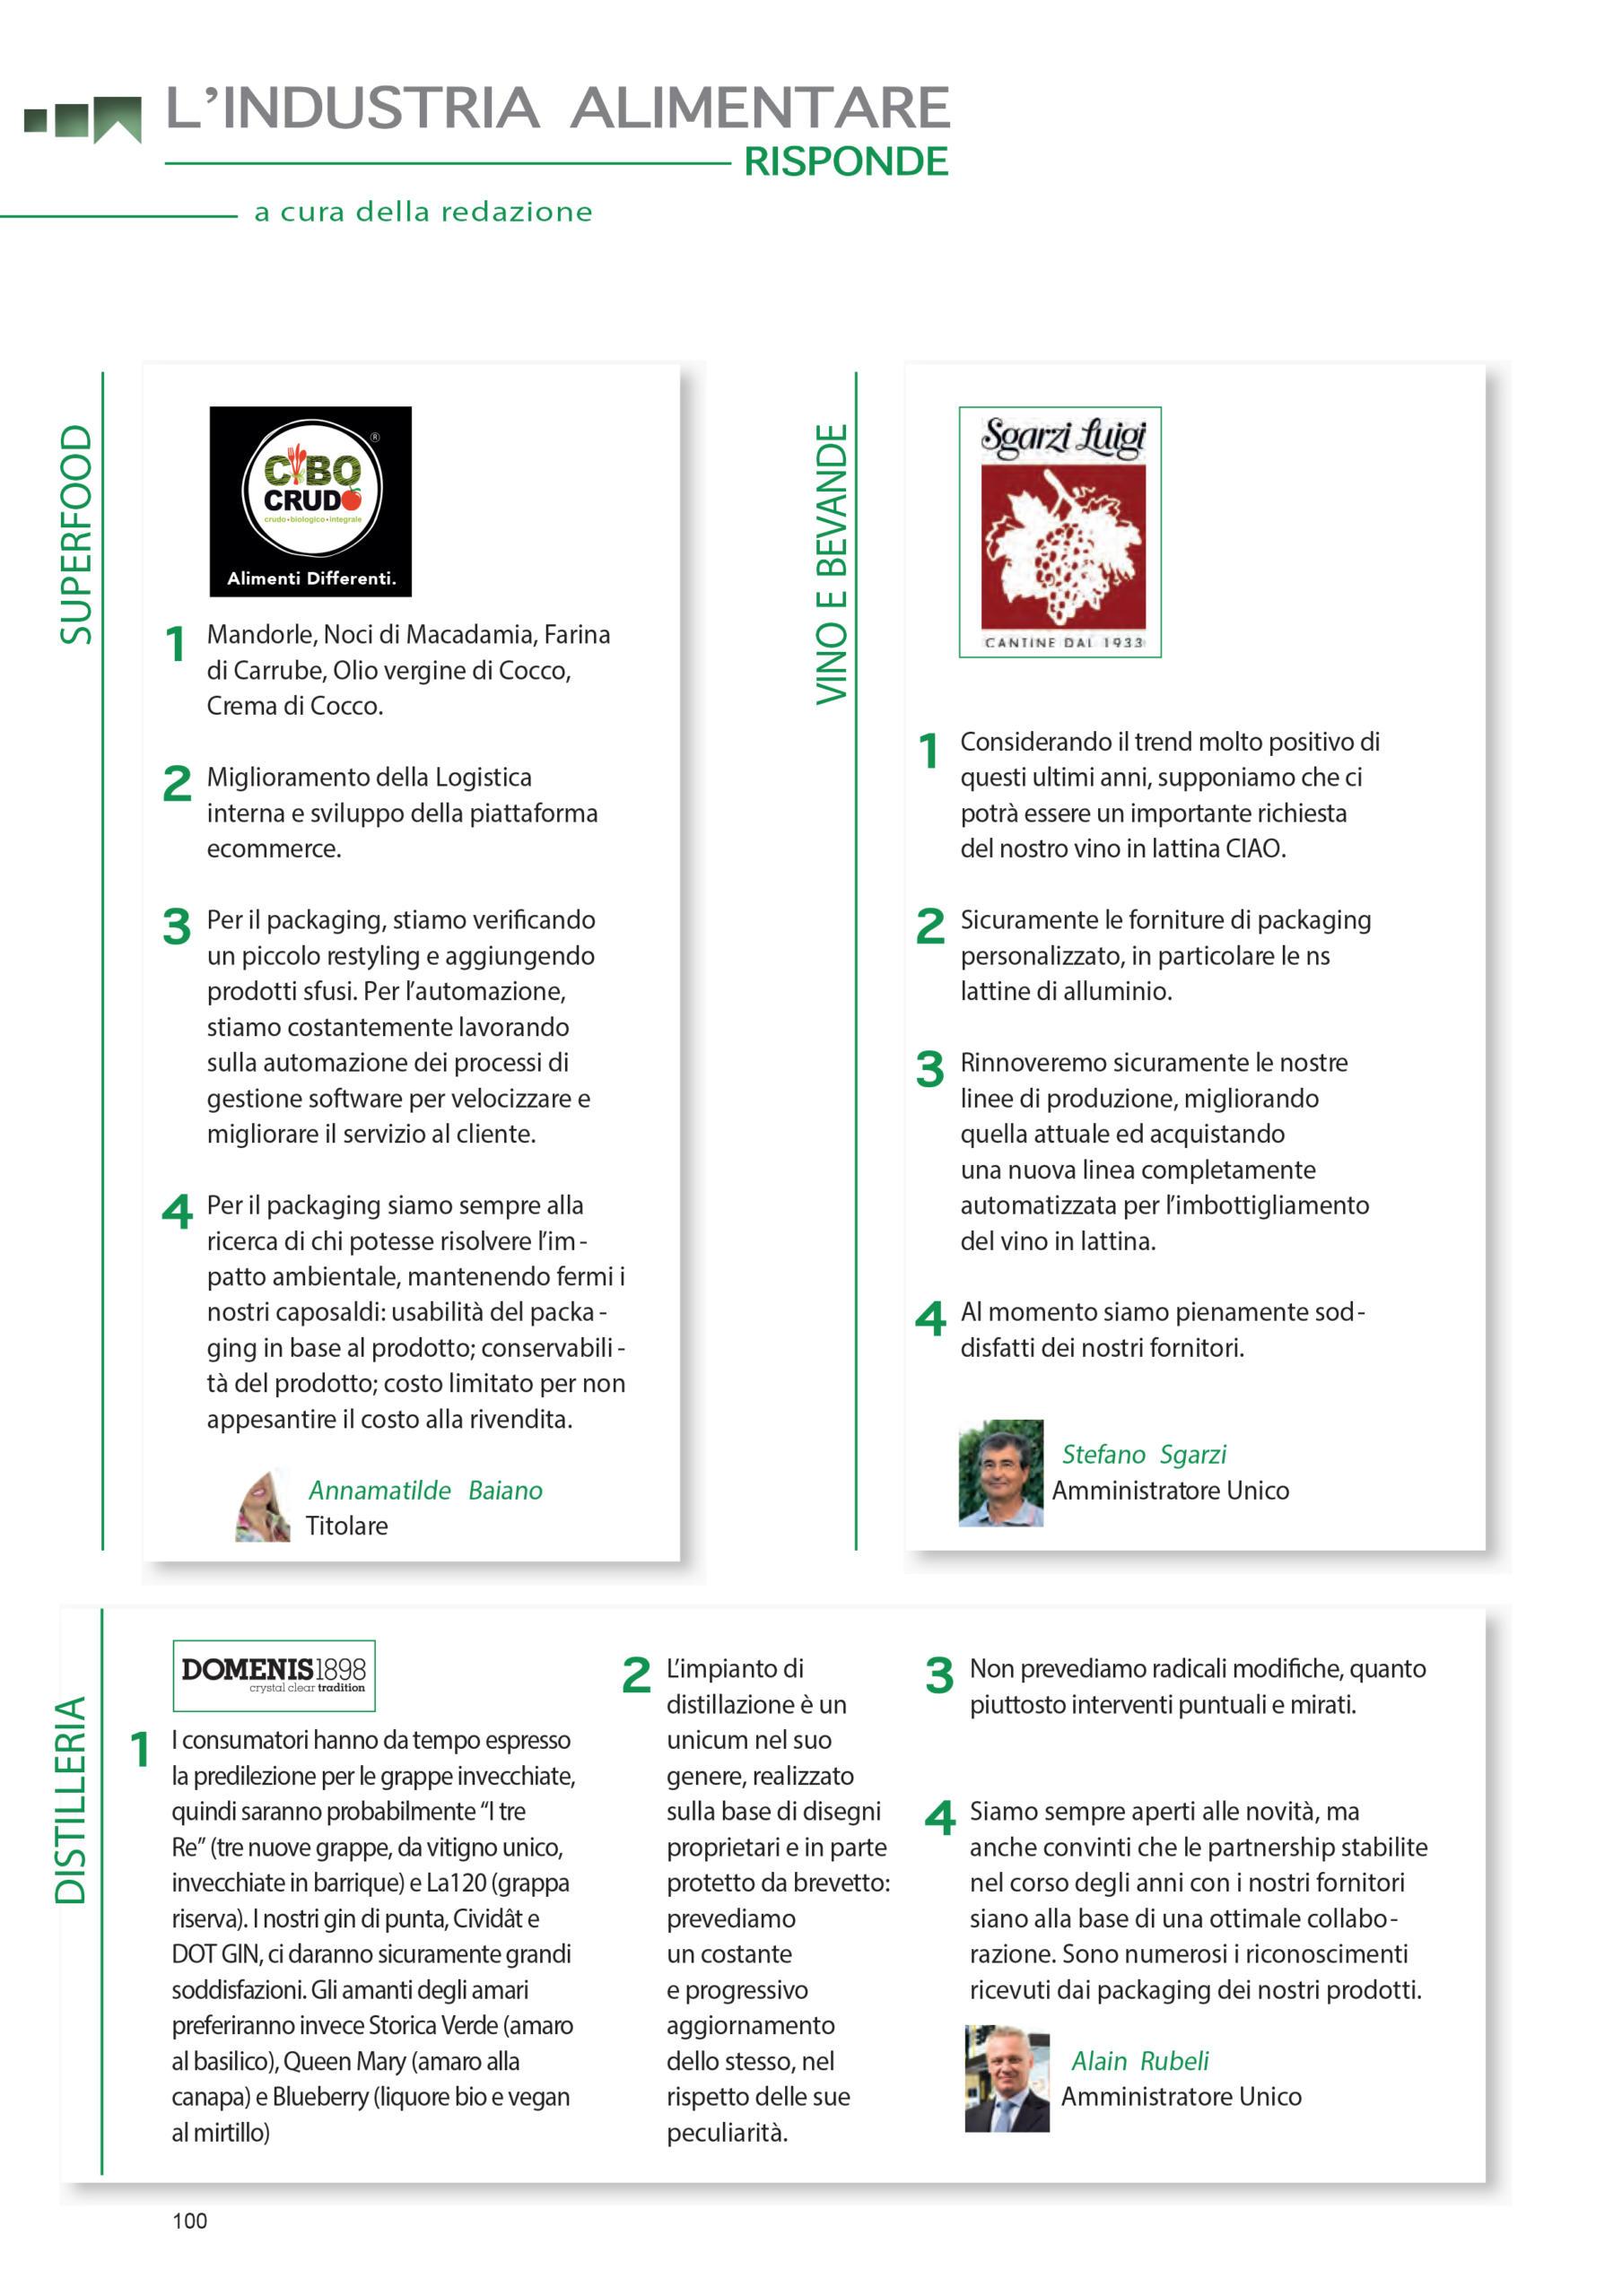 2020 giugno: Rassegna Alimentare – L'industria alimentare risponde: intervista ai produttori